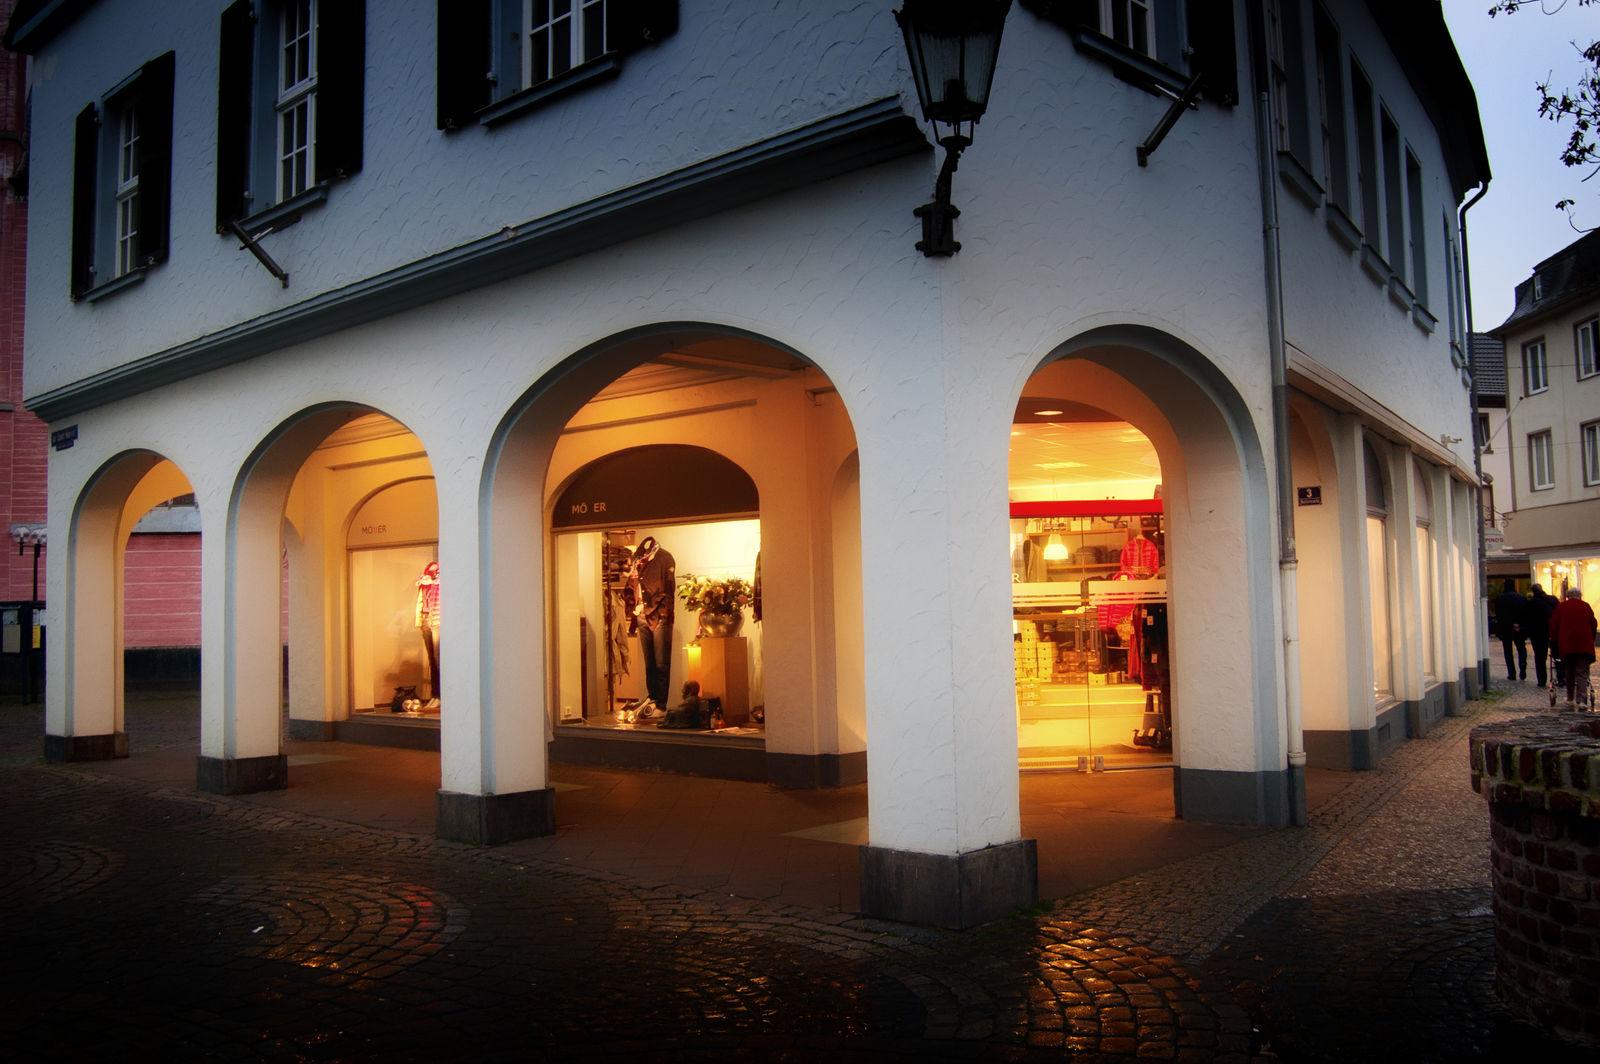 MÖllER Womenswear - Menswear in Kempen (Bild 2)